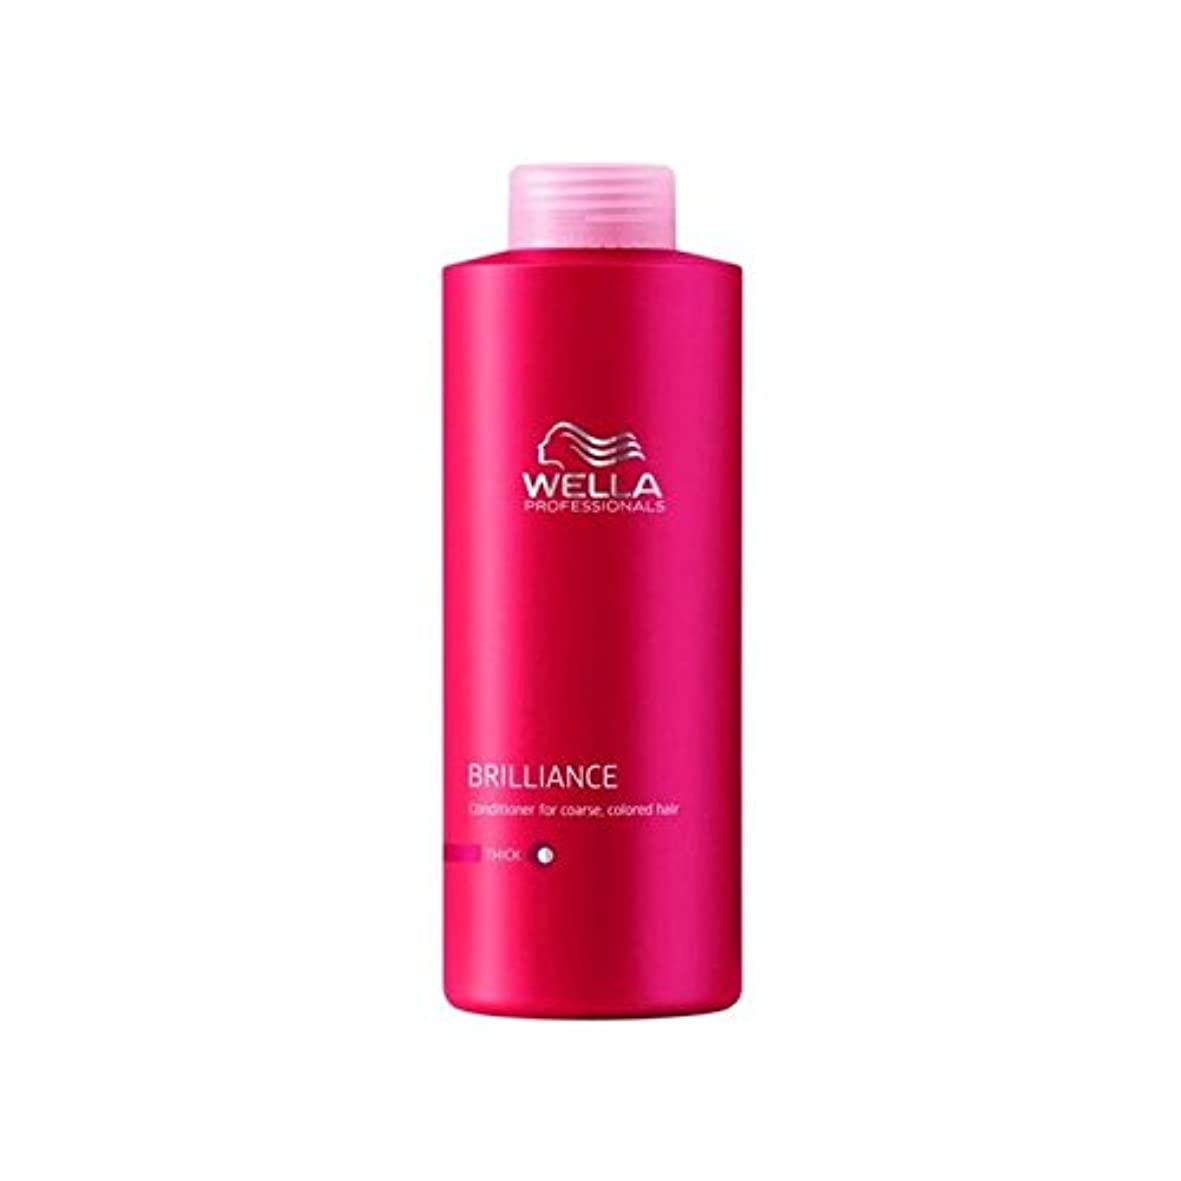 増強研磨剤ご近所ウェラの専門家は粗いコンディショナー(千ミリリットル)をブリリアンス x2 - Wella Professionals Brilliance Coarse Conditioner (1000ml) (Pack of 2)...